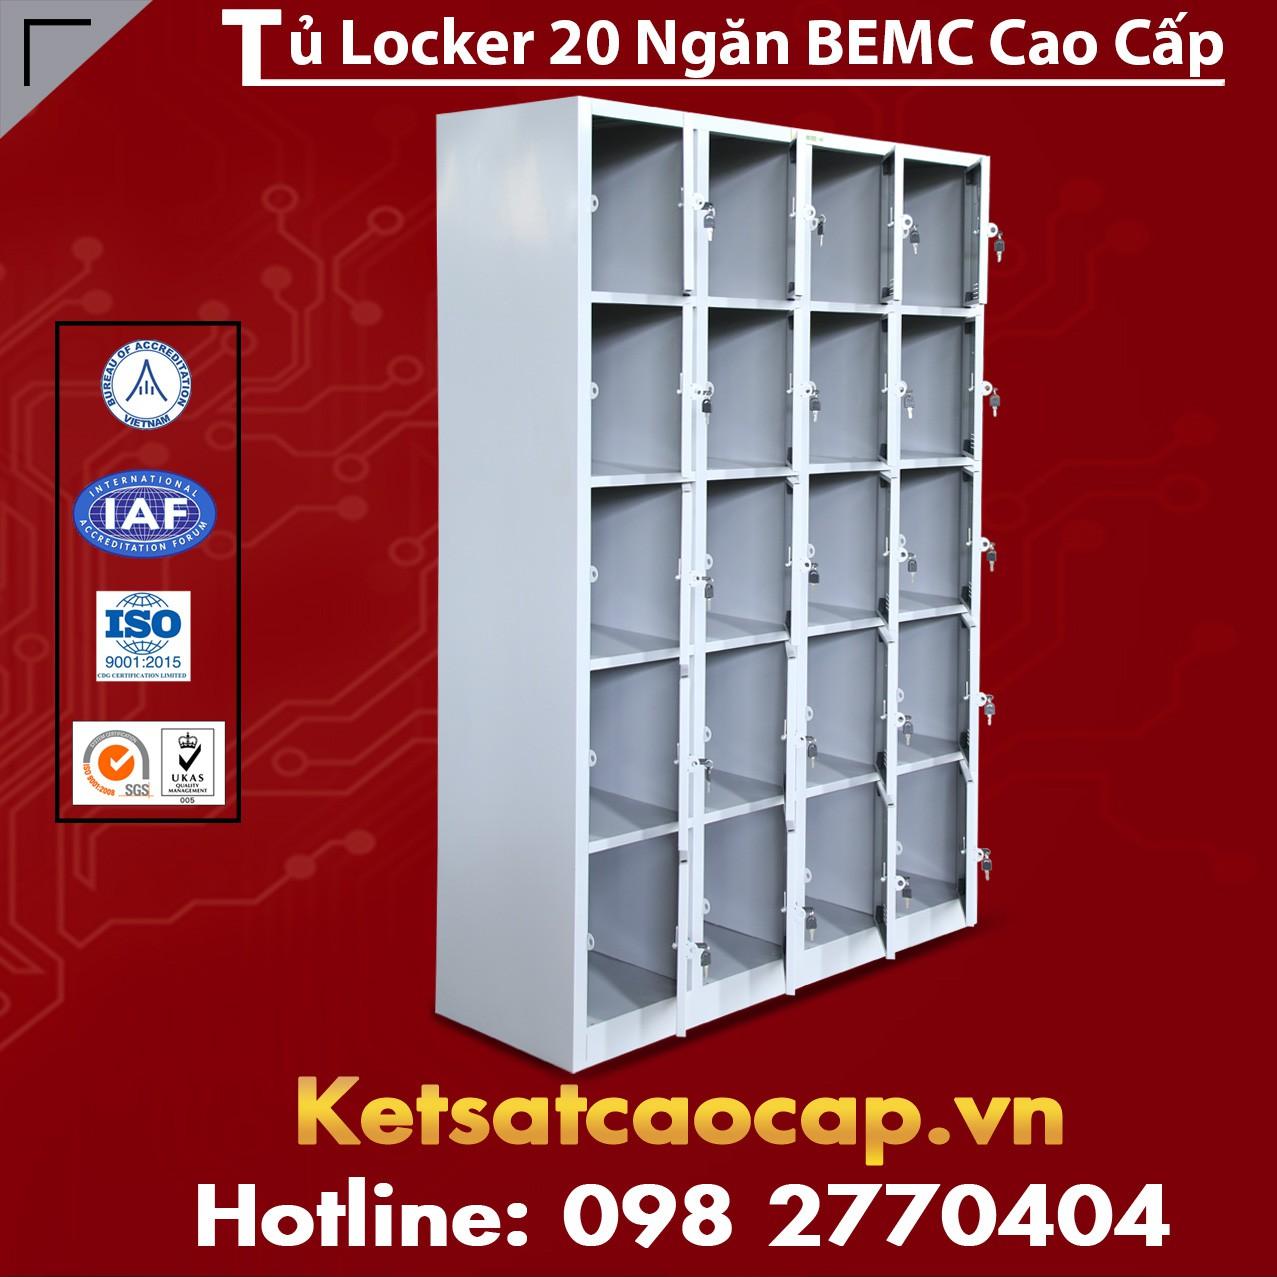 Tu Locker Hang Chinh Hang